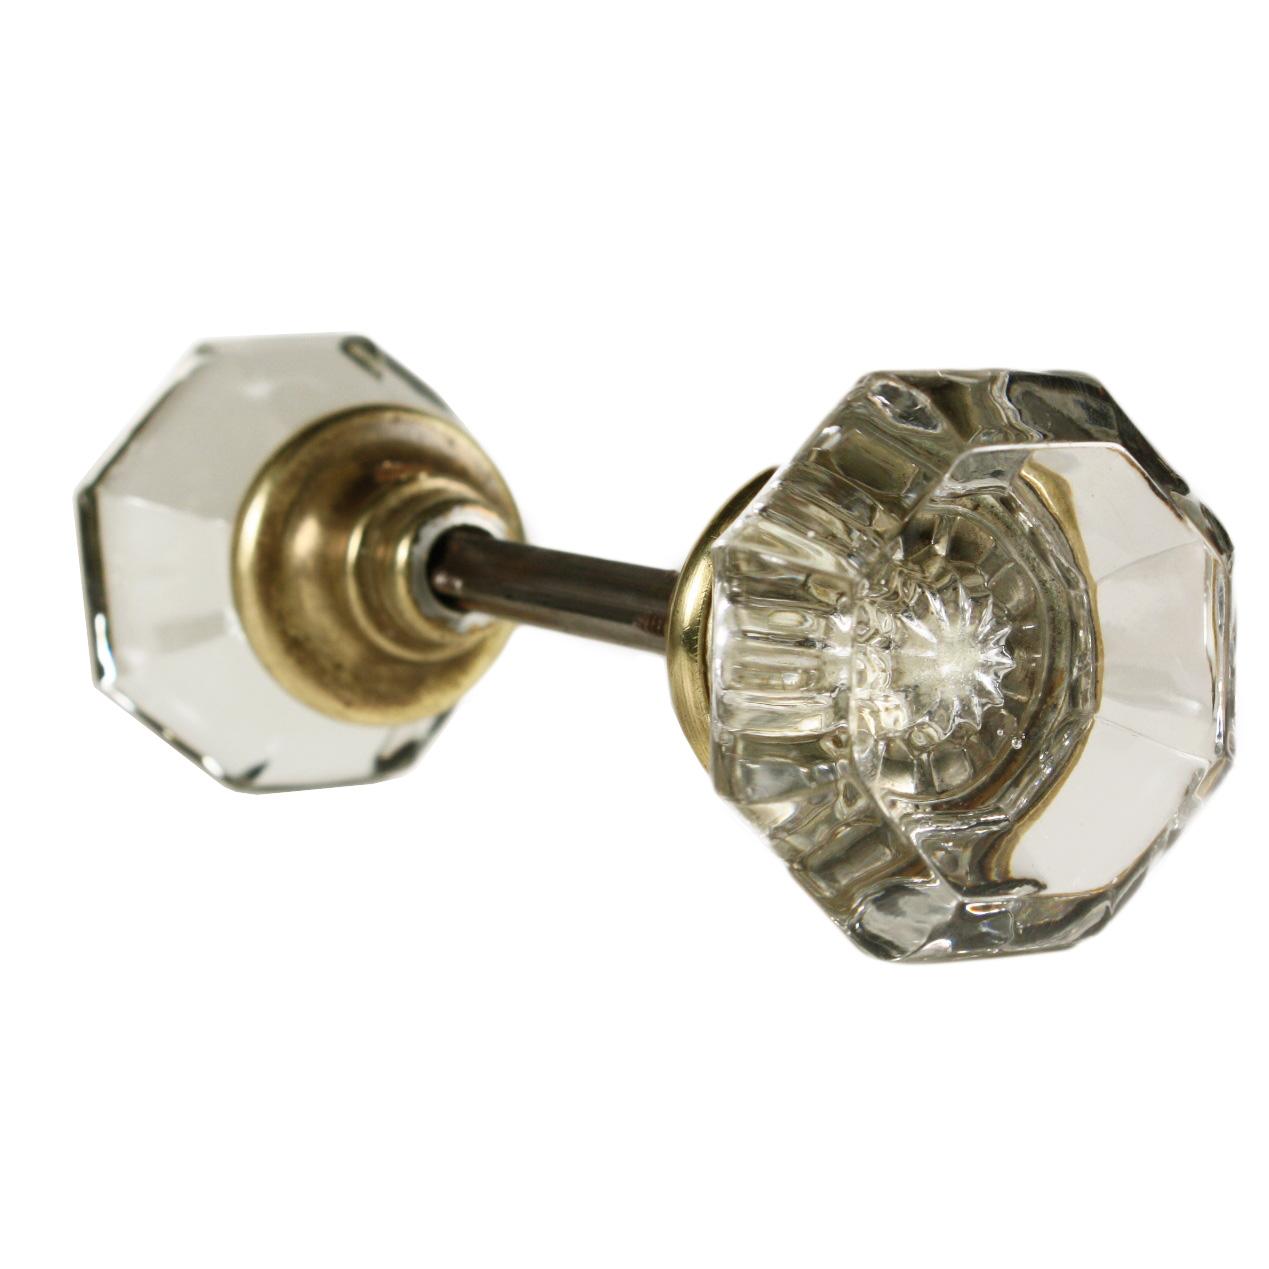 old door knobs for sale photo - 12